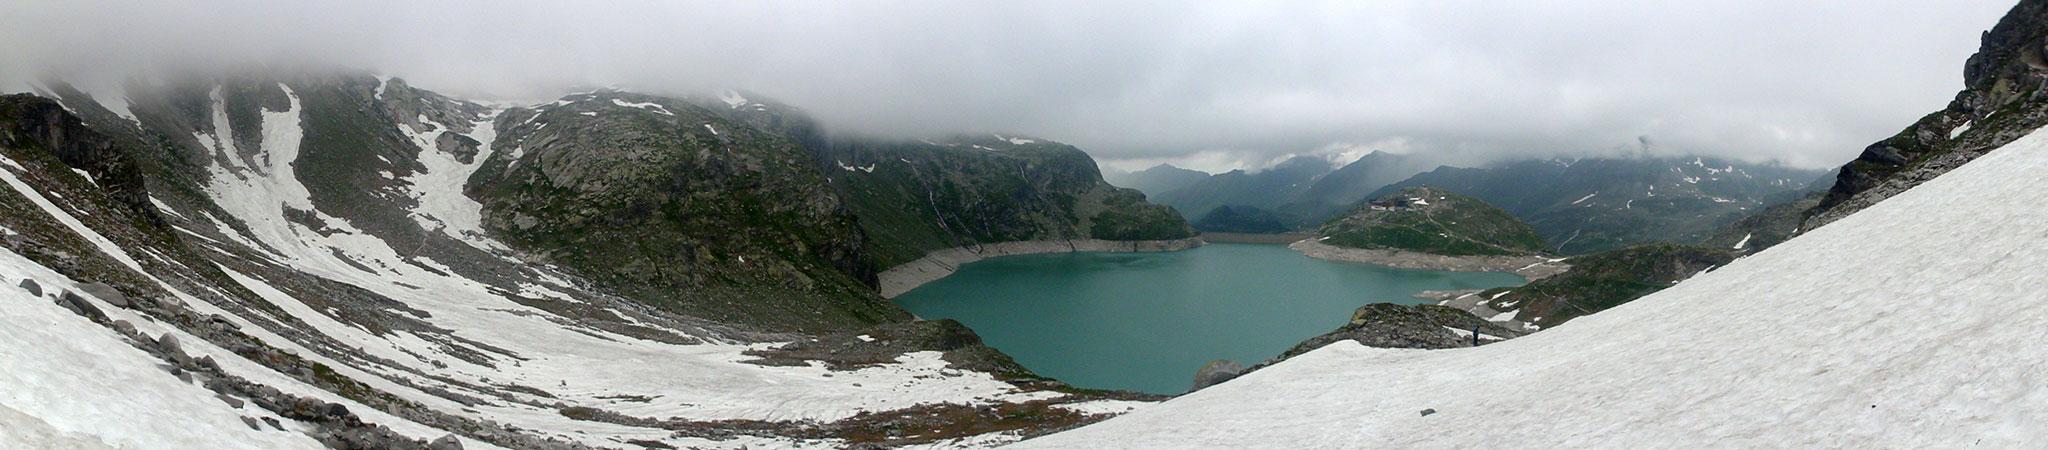 Arnoweg: Der Weißsee mit dem Berghotel Rudolfshütte